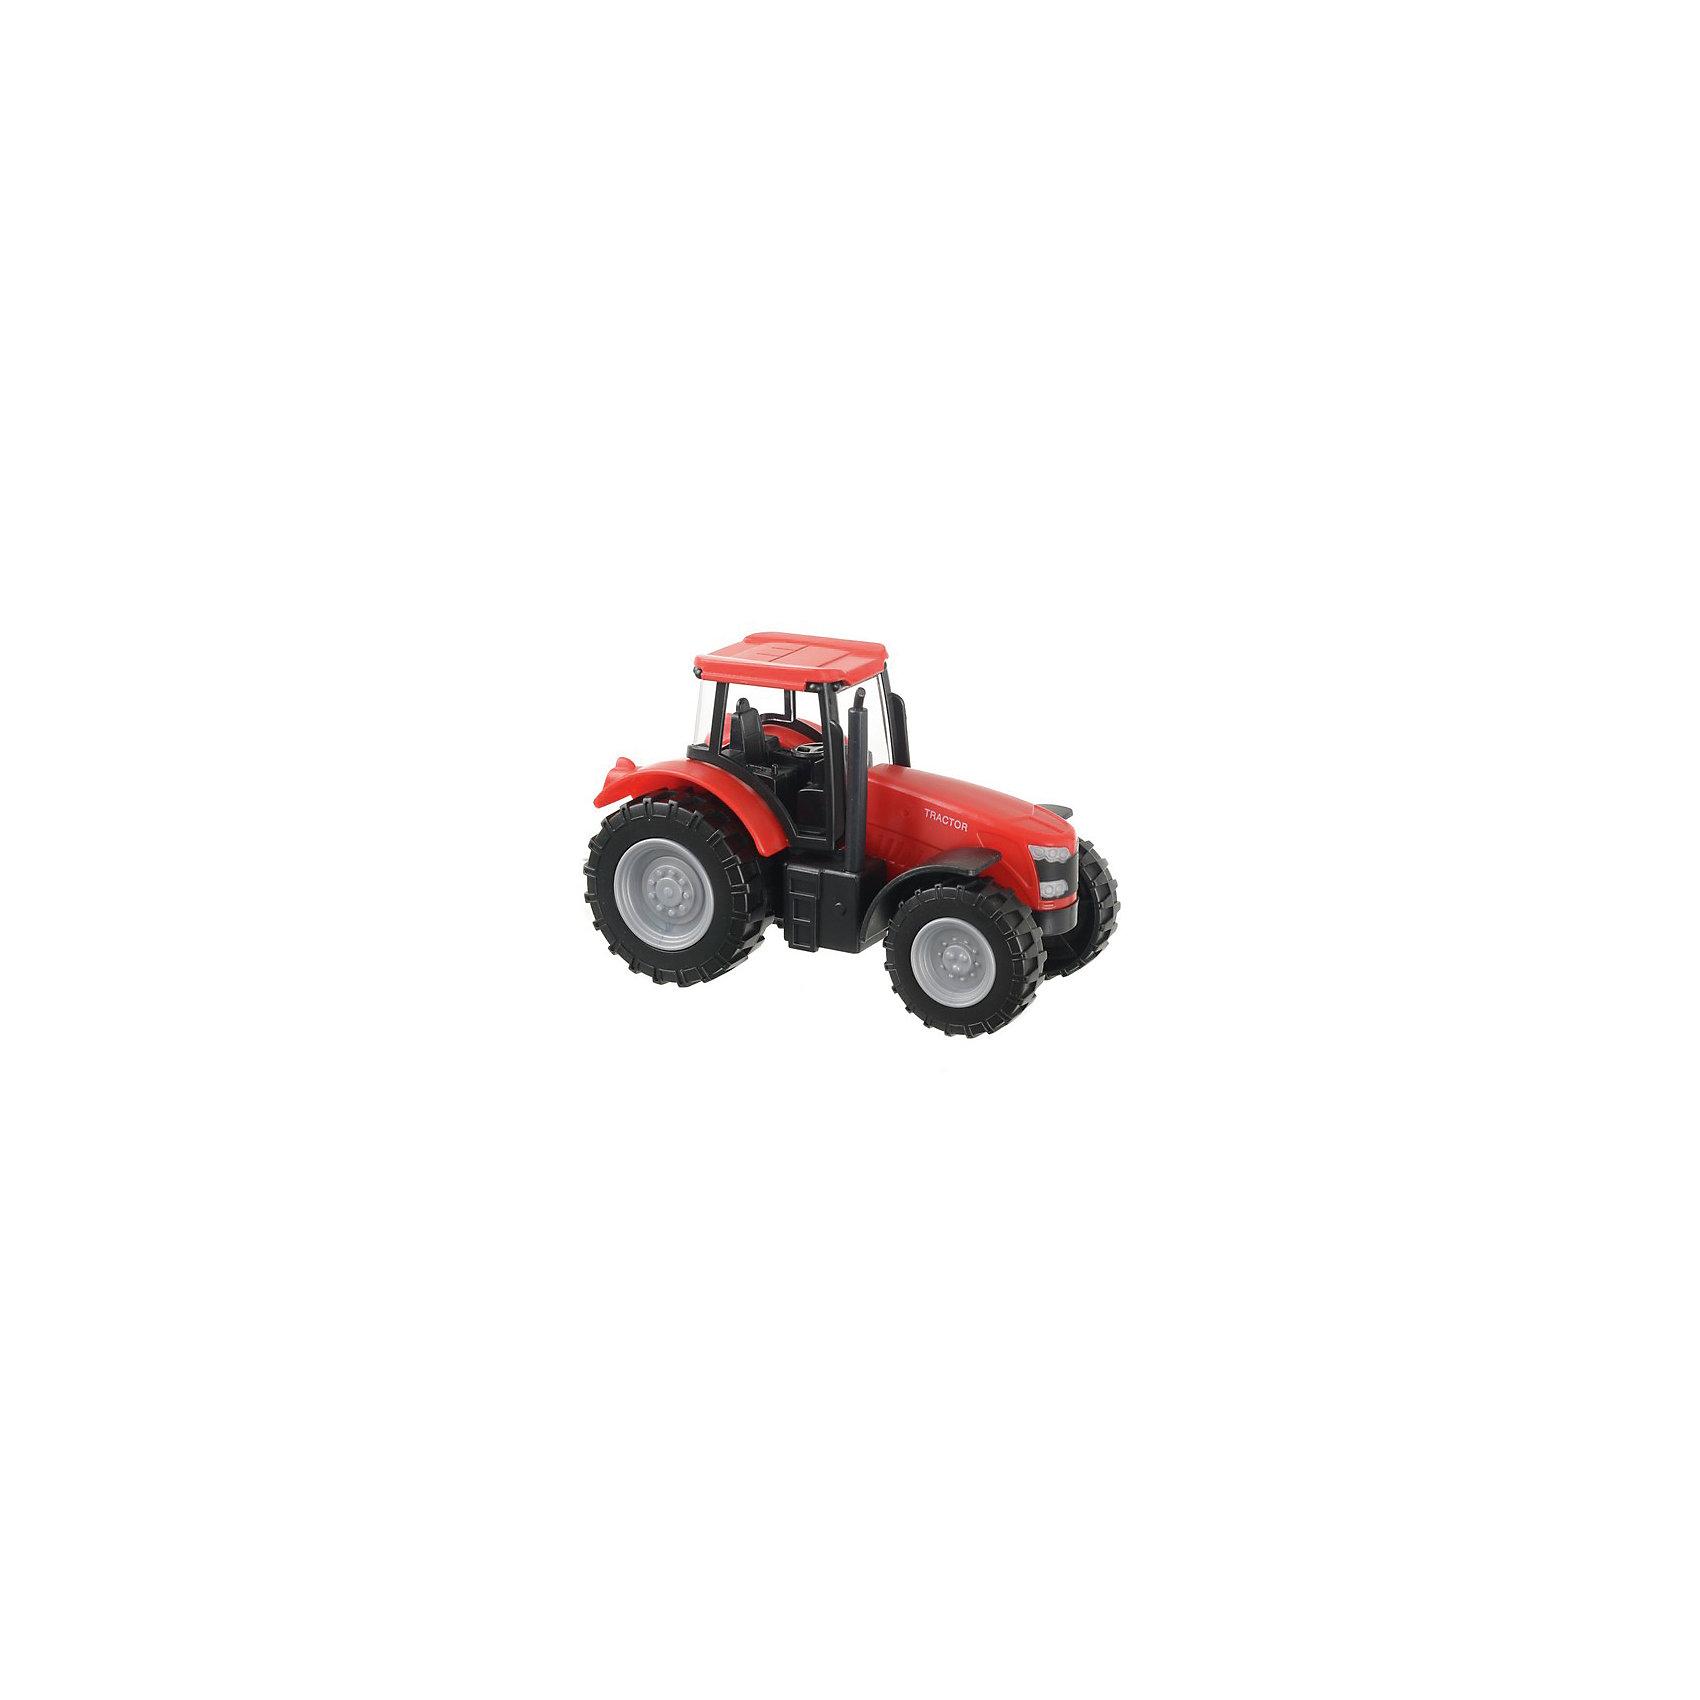 Трактор, HTl GrоuрУ каждого мальчишки должна быть машинка – трактор. Иначе откуда он узнает о его назначении и устройстве? Для родителей же всегда в первую очередь важна безопасность ребенка, а, значит, качество игрушки. Идеальным вариантом для выбора машинок является британский бренд HTI. Высокая степень детализации делает их максимально приближенными к оригиналу.<br>Совсем как настоящий, трактор от HTI рекомендуется детям с 3 лет, но может занять достойное место на полке взрослого коллекционера масштабных моделей. Высокое качество используемых материалов и соответствие строгим европейским стандартам делают игрушку безопасной для ребенка и долговечной. <br>Дополнительная информация:<br><br>Масштаб: 1:32.<br>Материал: пластик.<br>Размер игрушки: 9 х 13.4 х 17.5 см.<br><br>Трактор, HTl Grоuр можно купить в нашем магазине.<br><br>Ширина мм: 18<br>Глубина мм: 9<br>Высота мм: 13<br>Вес г: 160<br>Возраст от месяцев: 36<br>Возраст до месяцев: 96<br>Пол: Мужской<br>Возраст: Детский<br>SKU: 4574044